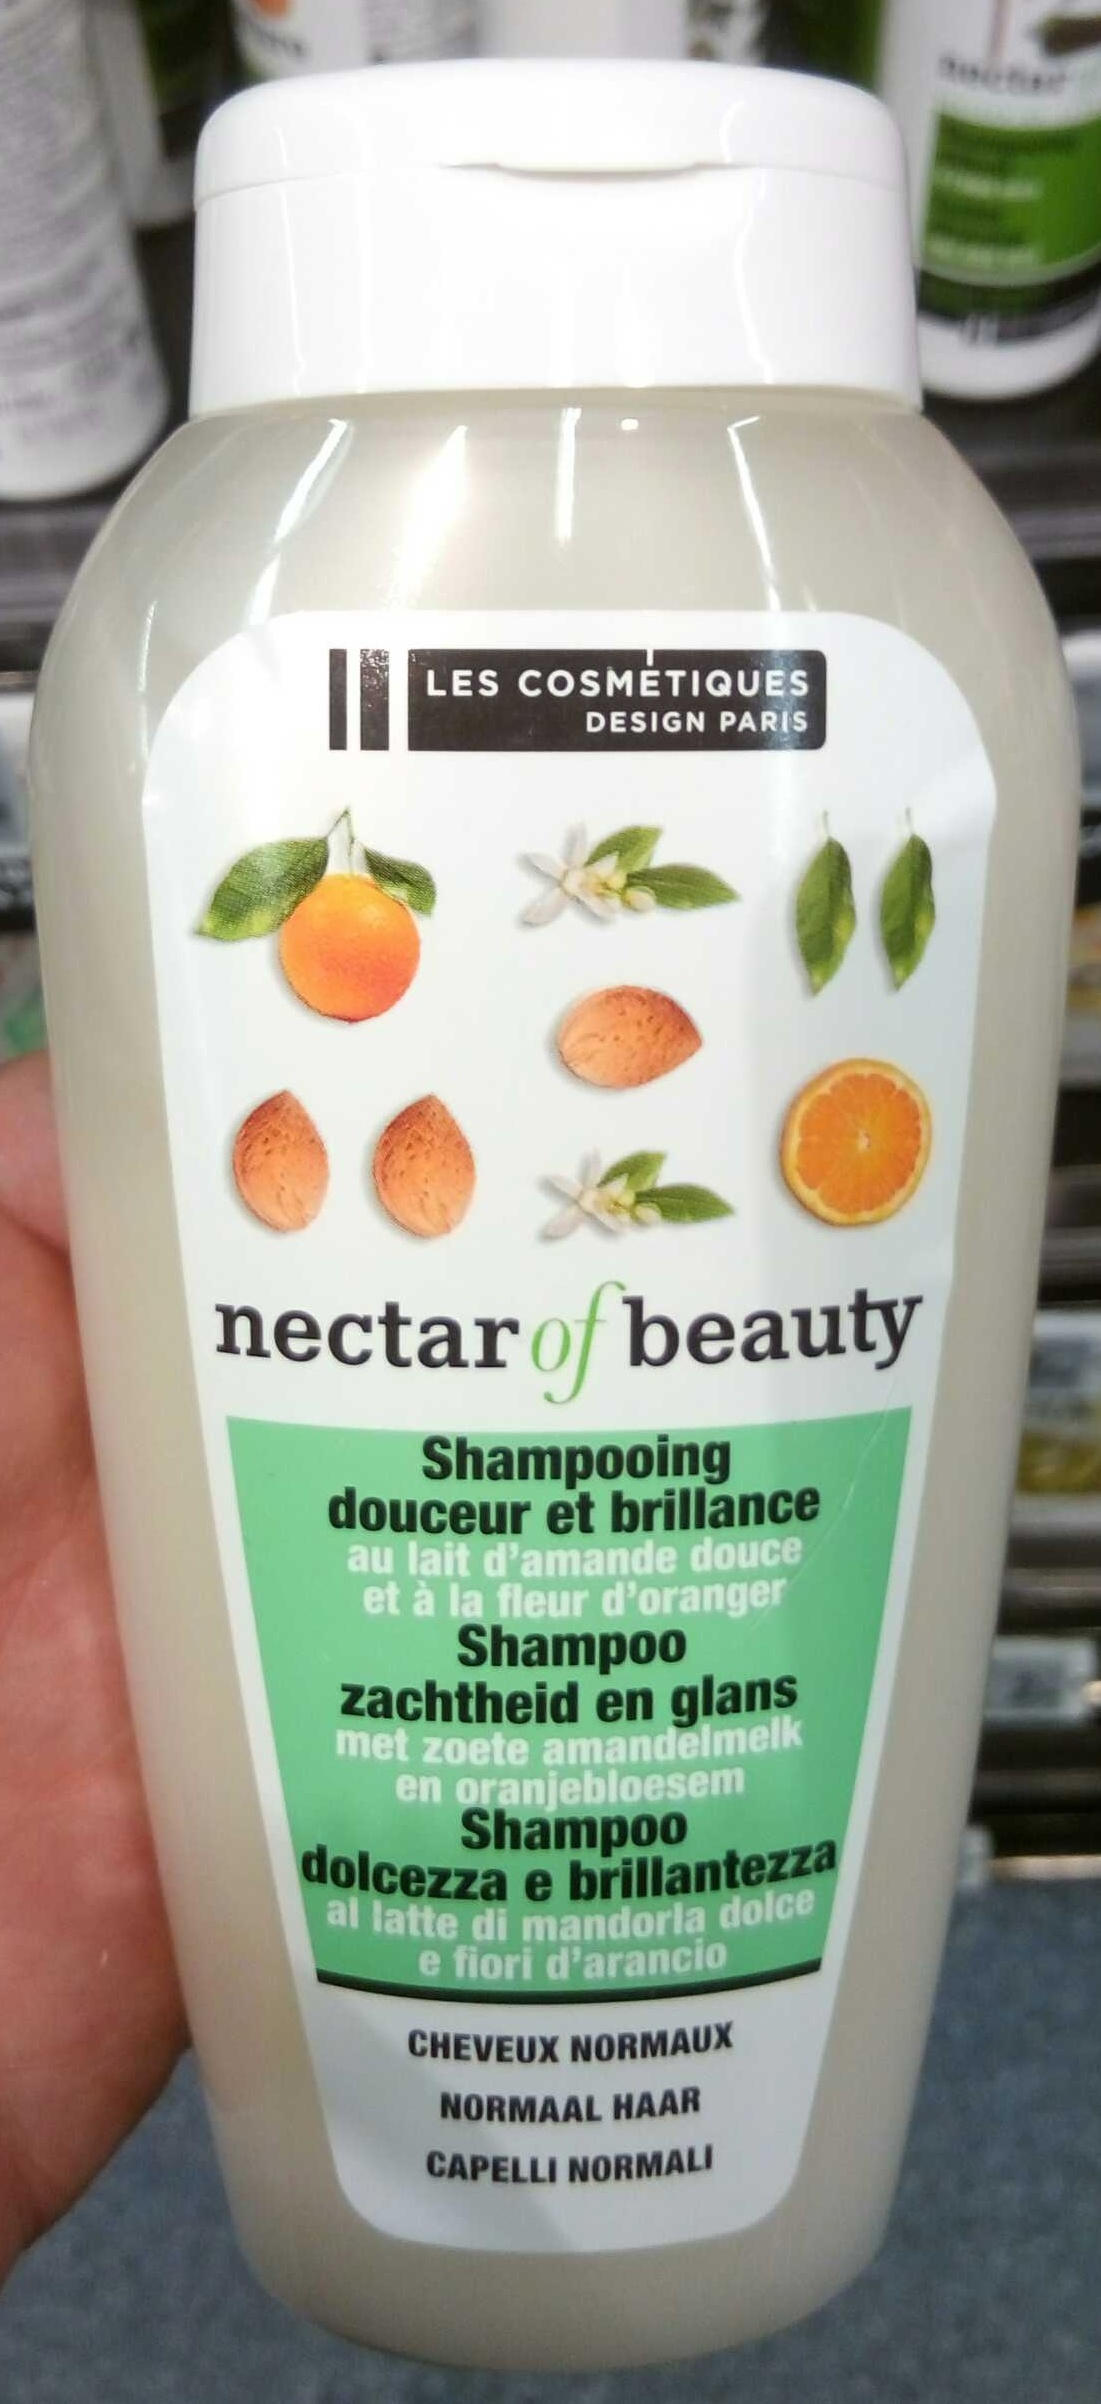 Shampooing douceur et brillance au lait d'amande douce et à la fleur d'oranger - Produit